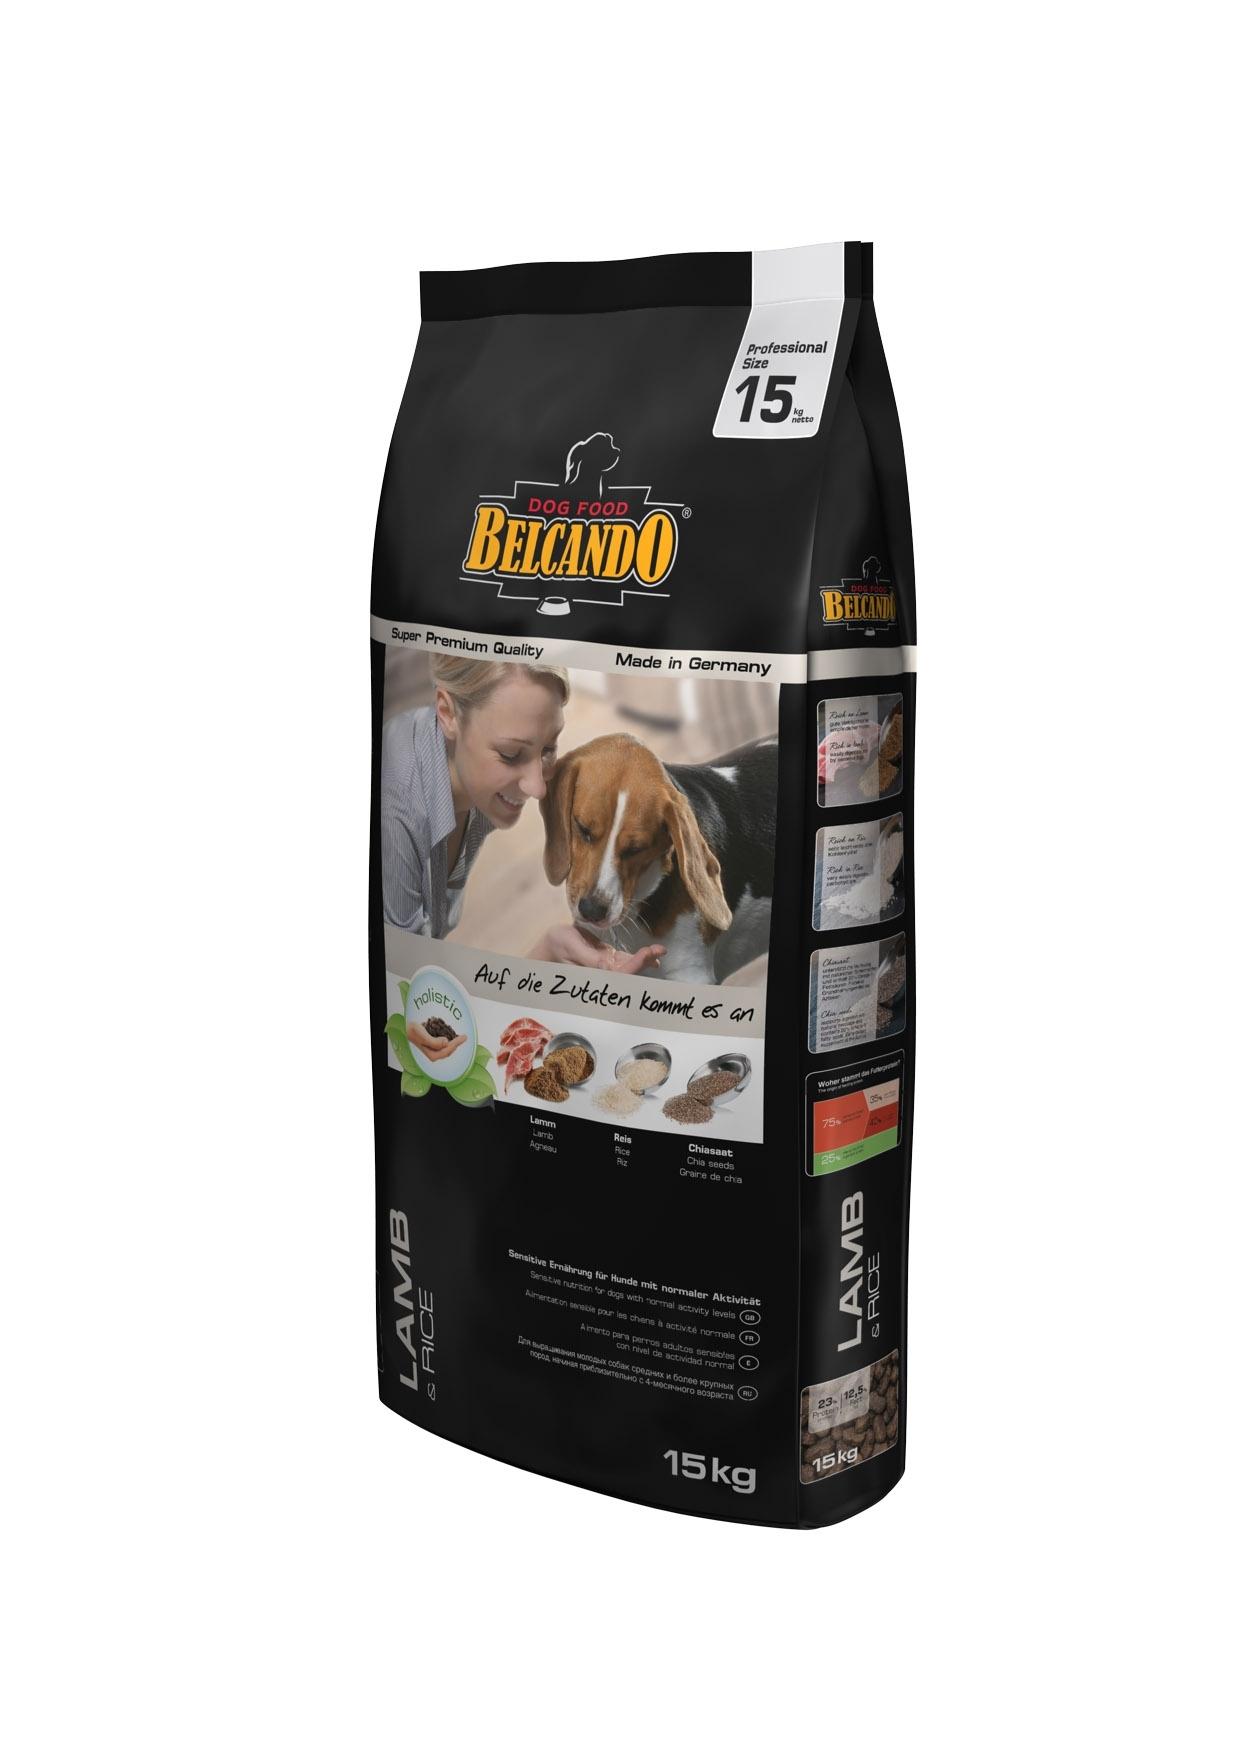 Корм сухой Belcando Lamb Rice, гипоаллергенный, для взрослых собак с нормальной активностью, на основе ягненка, 15 кг0120710Особая формула корма Belcando Lamb Rice ориентирована на собак, которые страдают пищевыми расстройствами, а так же индивидуальной непереносимостью таких популярных мясных ингредиентов, как говядина и мясо цыпленка. Ягненок и рис - лучшая основа для гипоаллергенного корма, которая позволяет избежать непереносимости у чувствительных животных, но при этом получить все необходимые питательные вещества, витамины и микроэлементы.Состав: рис (40 %); сухое мясо ягненка (15 %); сухое мясо птицы пониженной зольности (12,5 %); овес; жир домашней птицы; рафинированное растительное масло; вытяжка из виноградной косточки; пивные дрожжи; семена чии (1,5 %); овсяные хлопья; льняное семя; гидролизат печени птицы; поваренная соль; калий хлористый; травы (всего 0,2 %: листья крапивы, корень горечавки, золототысячник, ромашка, фенхель, тмин, омела, тысячелестник, листья ежевики); экстракт юкки.Питательные добавки: Витамин А: 13,000 МЕ/кг, Витамин Е: 130 мг/кг, Витамин D3: 1,300 МЕ/кг, Кальций: 1,4%, Фосфор: 0,9%.Содержание питательных веществ: Протеин: 23%, Жир: 12,5%, Клетчатка 3,2%, Зола: 6,5%, Влажность: 10%. Товар сертифицирован.